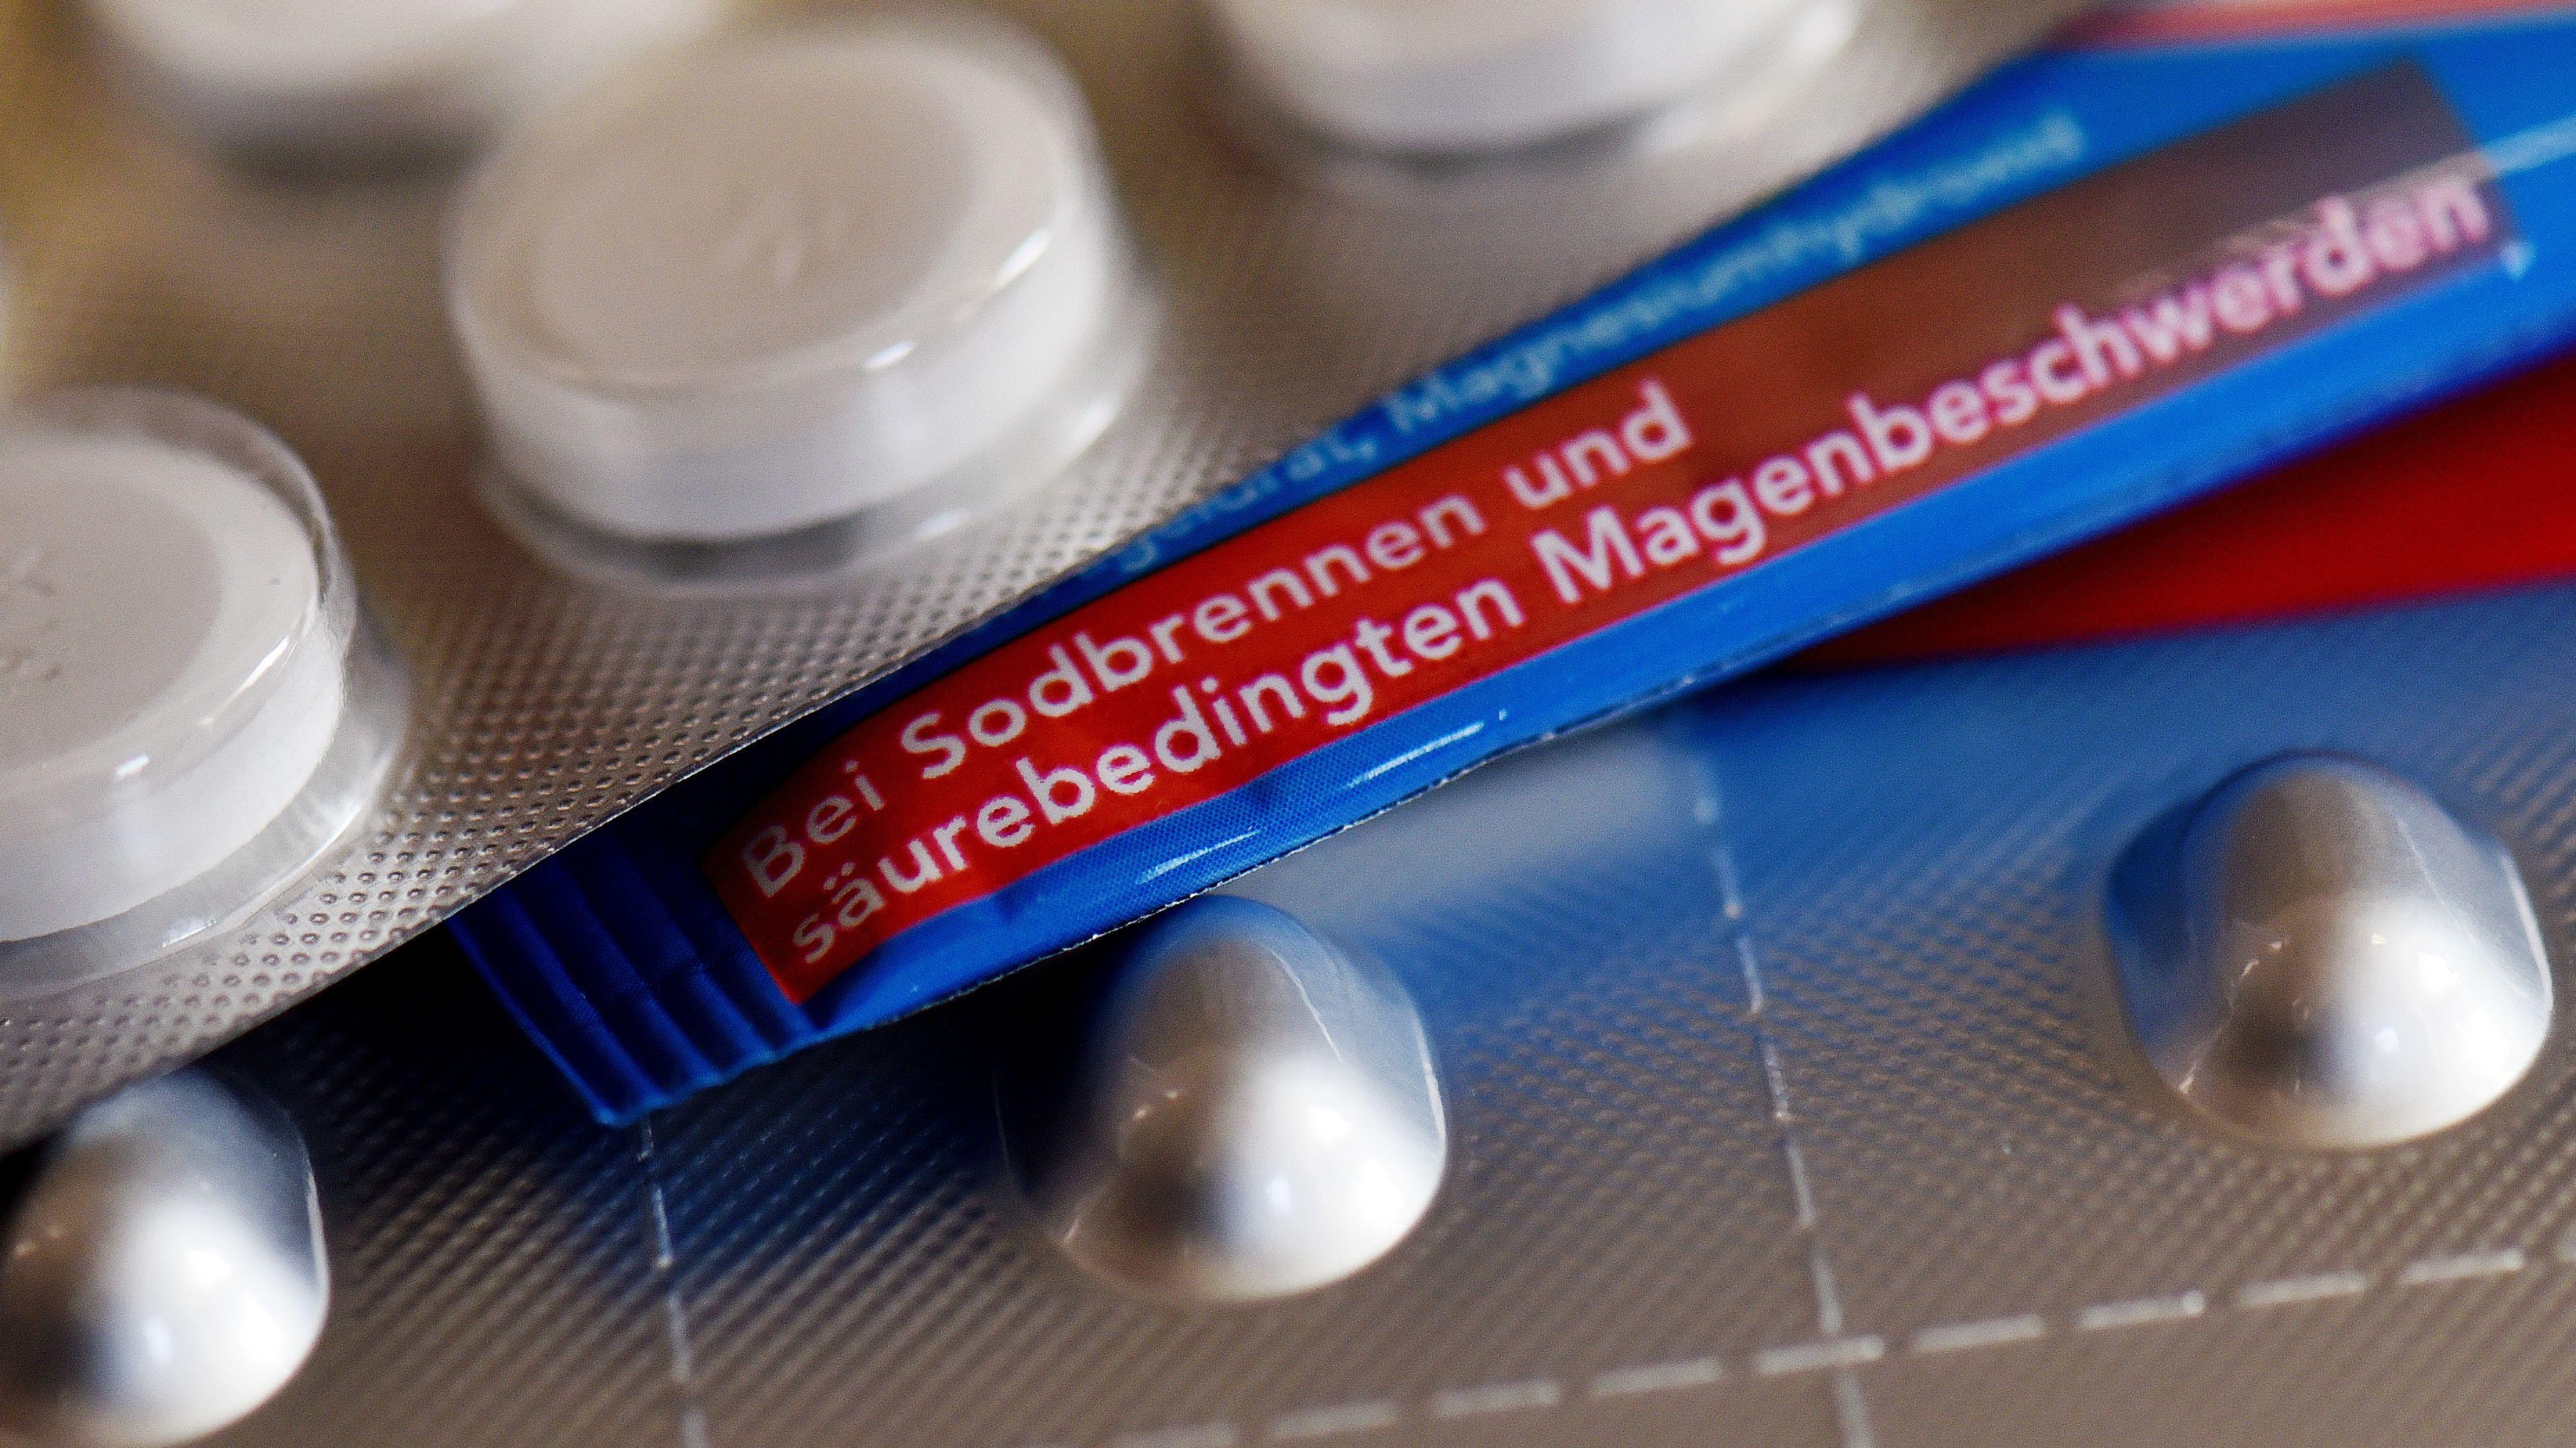 Medikamente bei Sodbrennen, Aufstoßen oder Magenbeschwerden sind nicht harmlos.